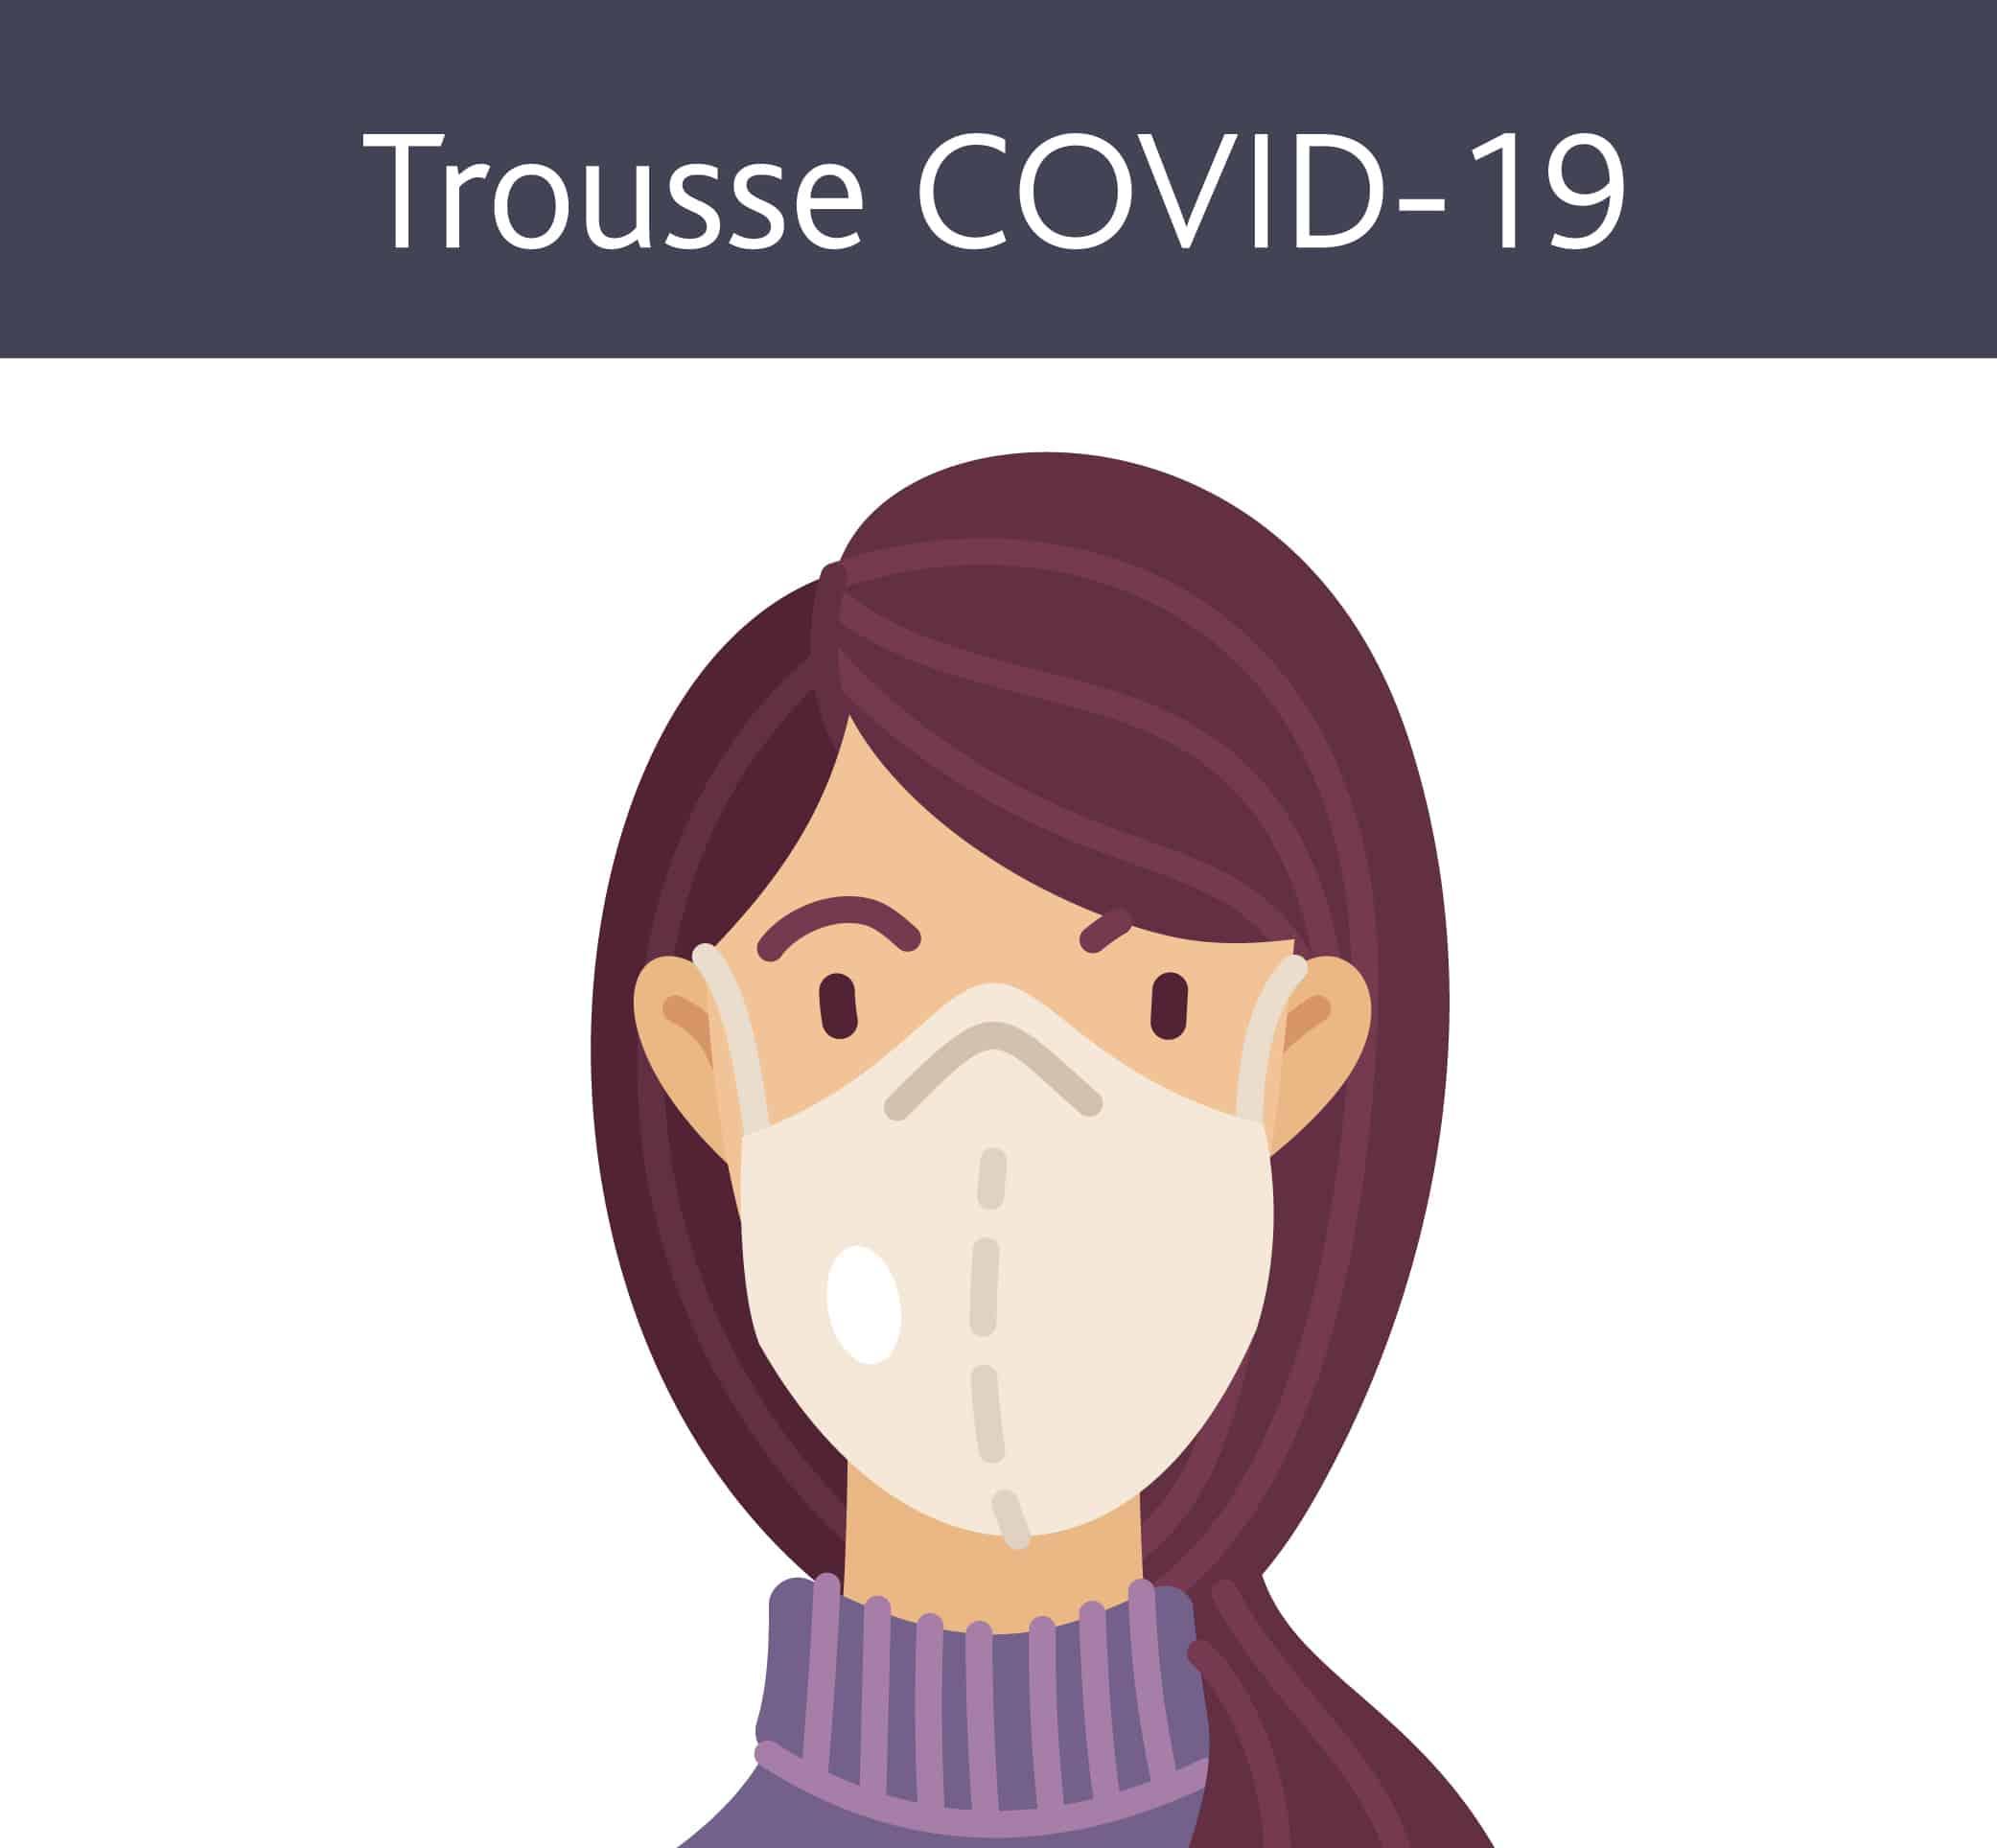 Nous vous invitons à consulter régulièrement le contenu de la trousse COVID-19 que nous mettons à la disposition de nos Cercles de Fermières sur notre site Web.